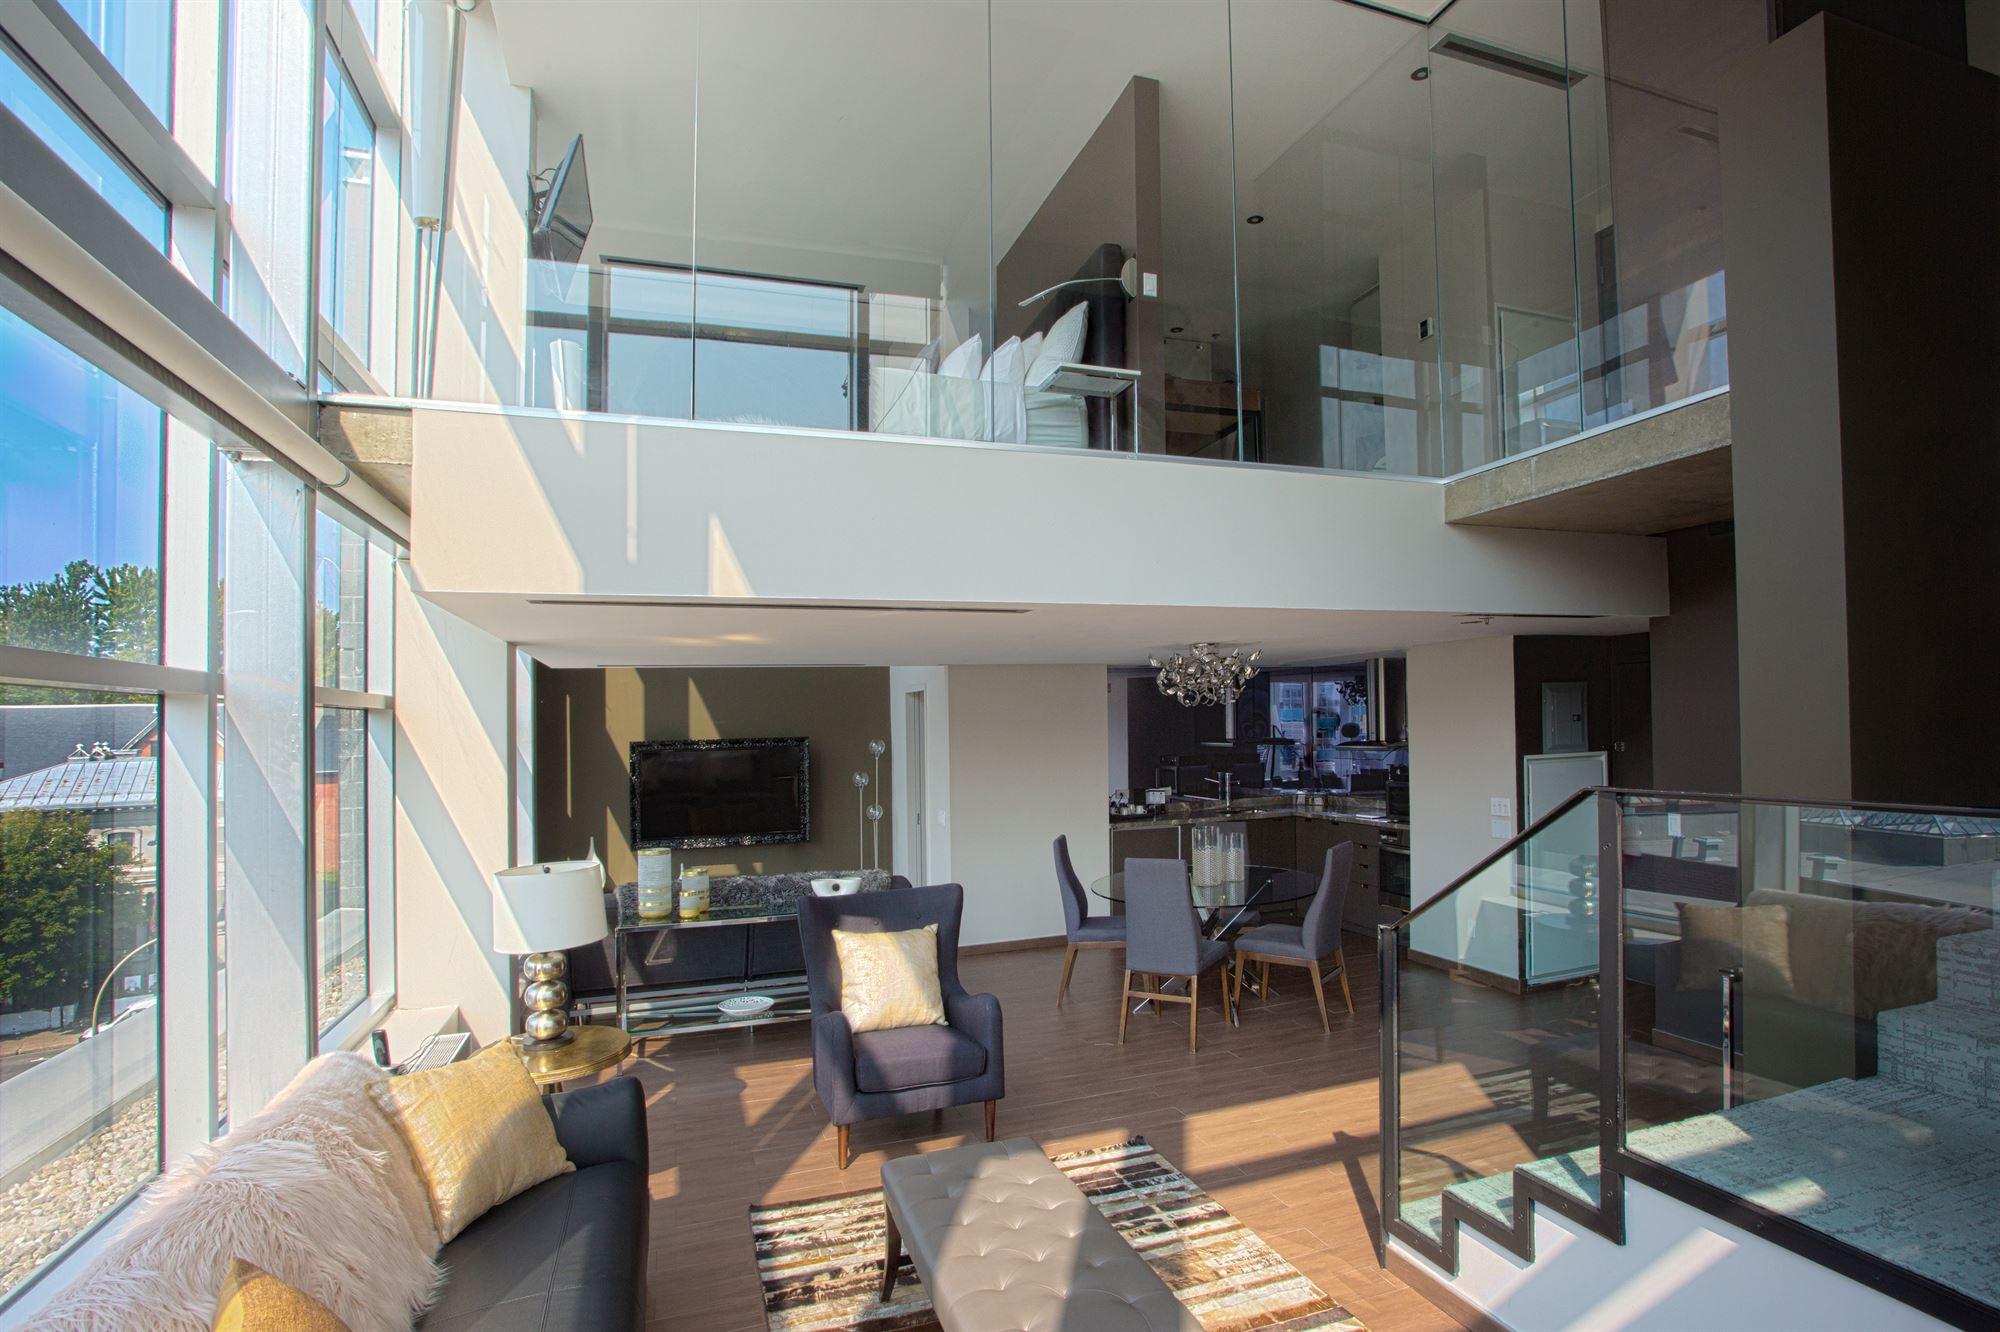 Salon vue Mezzanine Penthouse HOTEL10